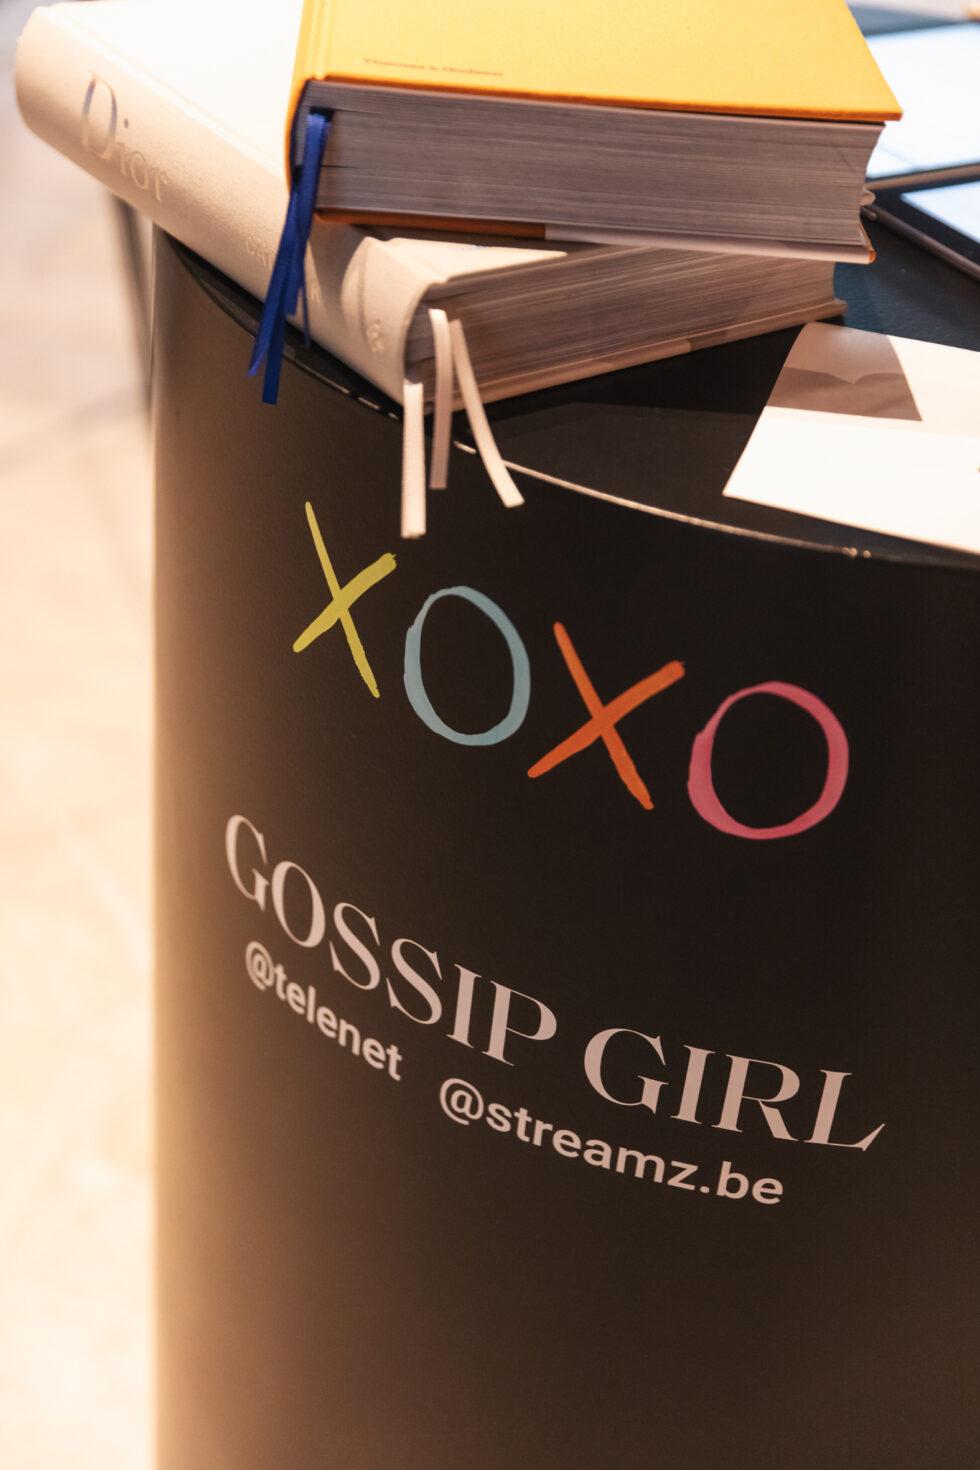 Gossipxoxo_RJD65